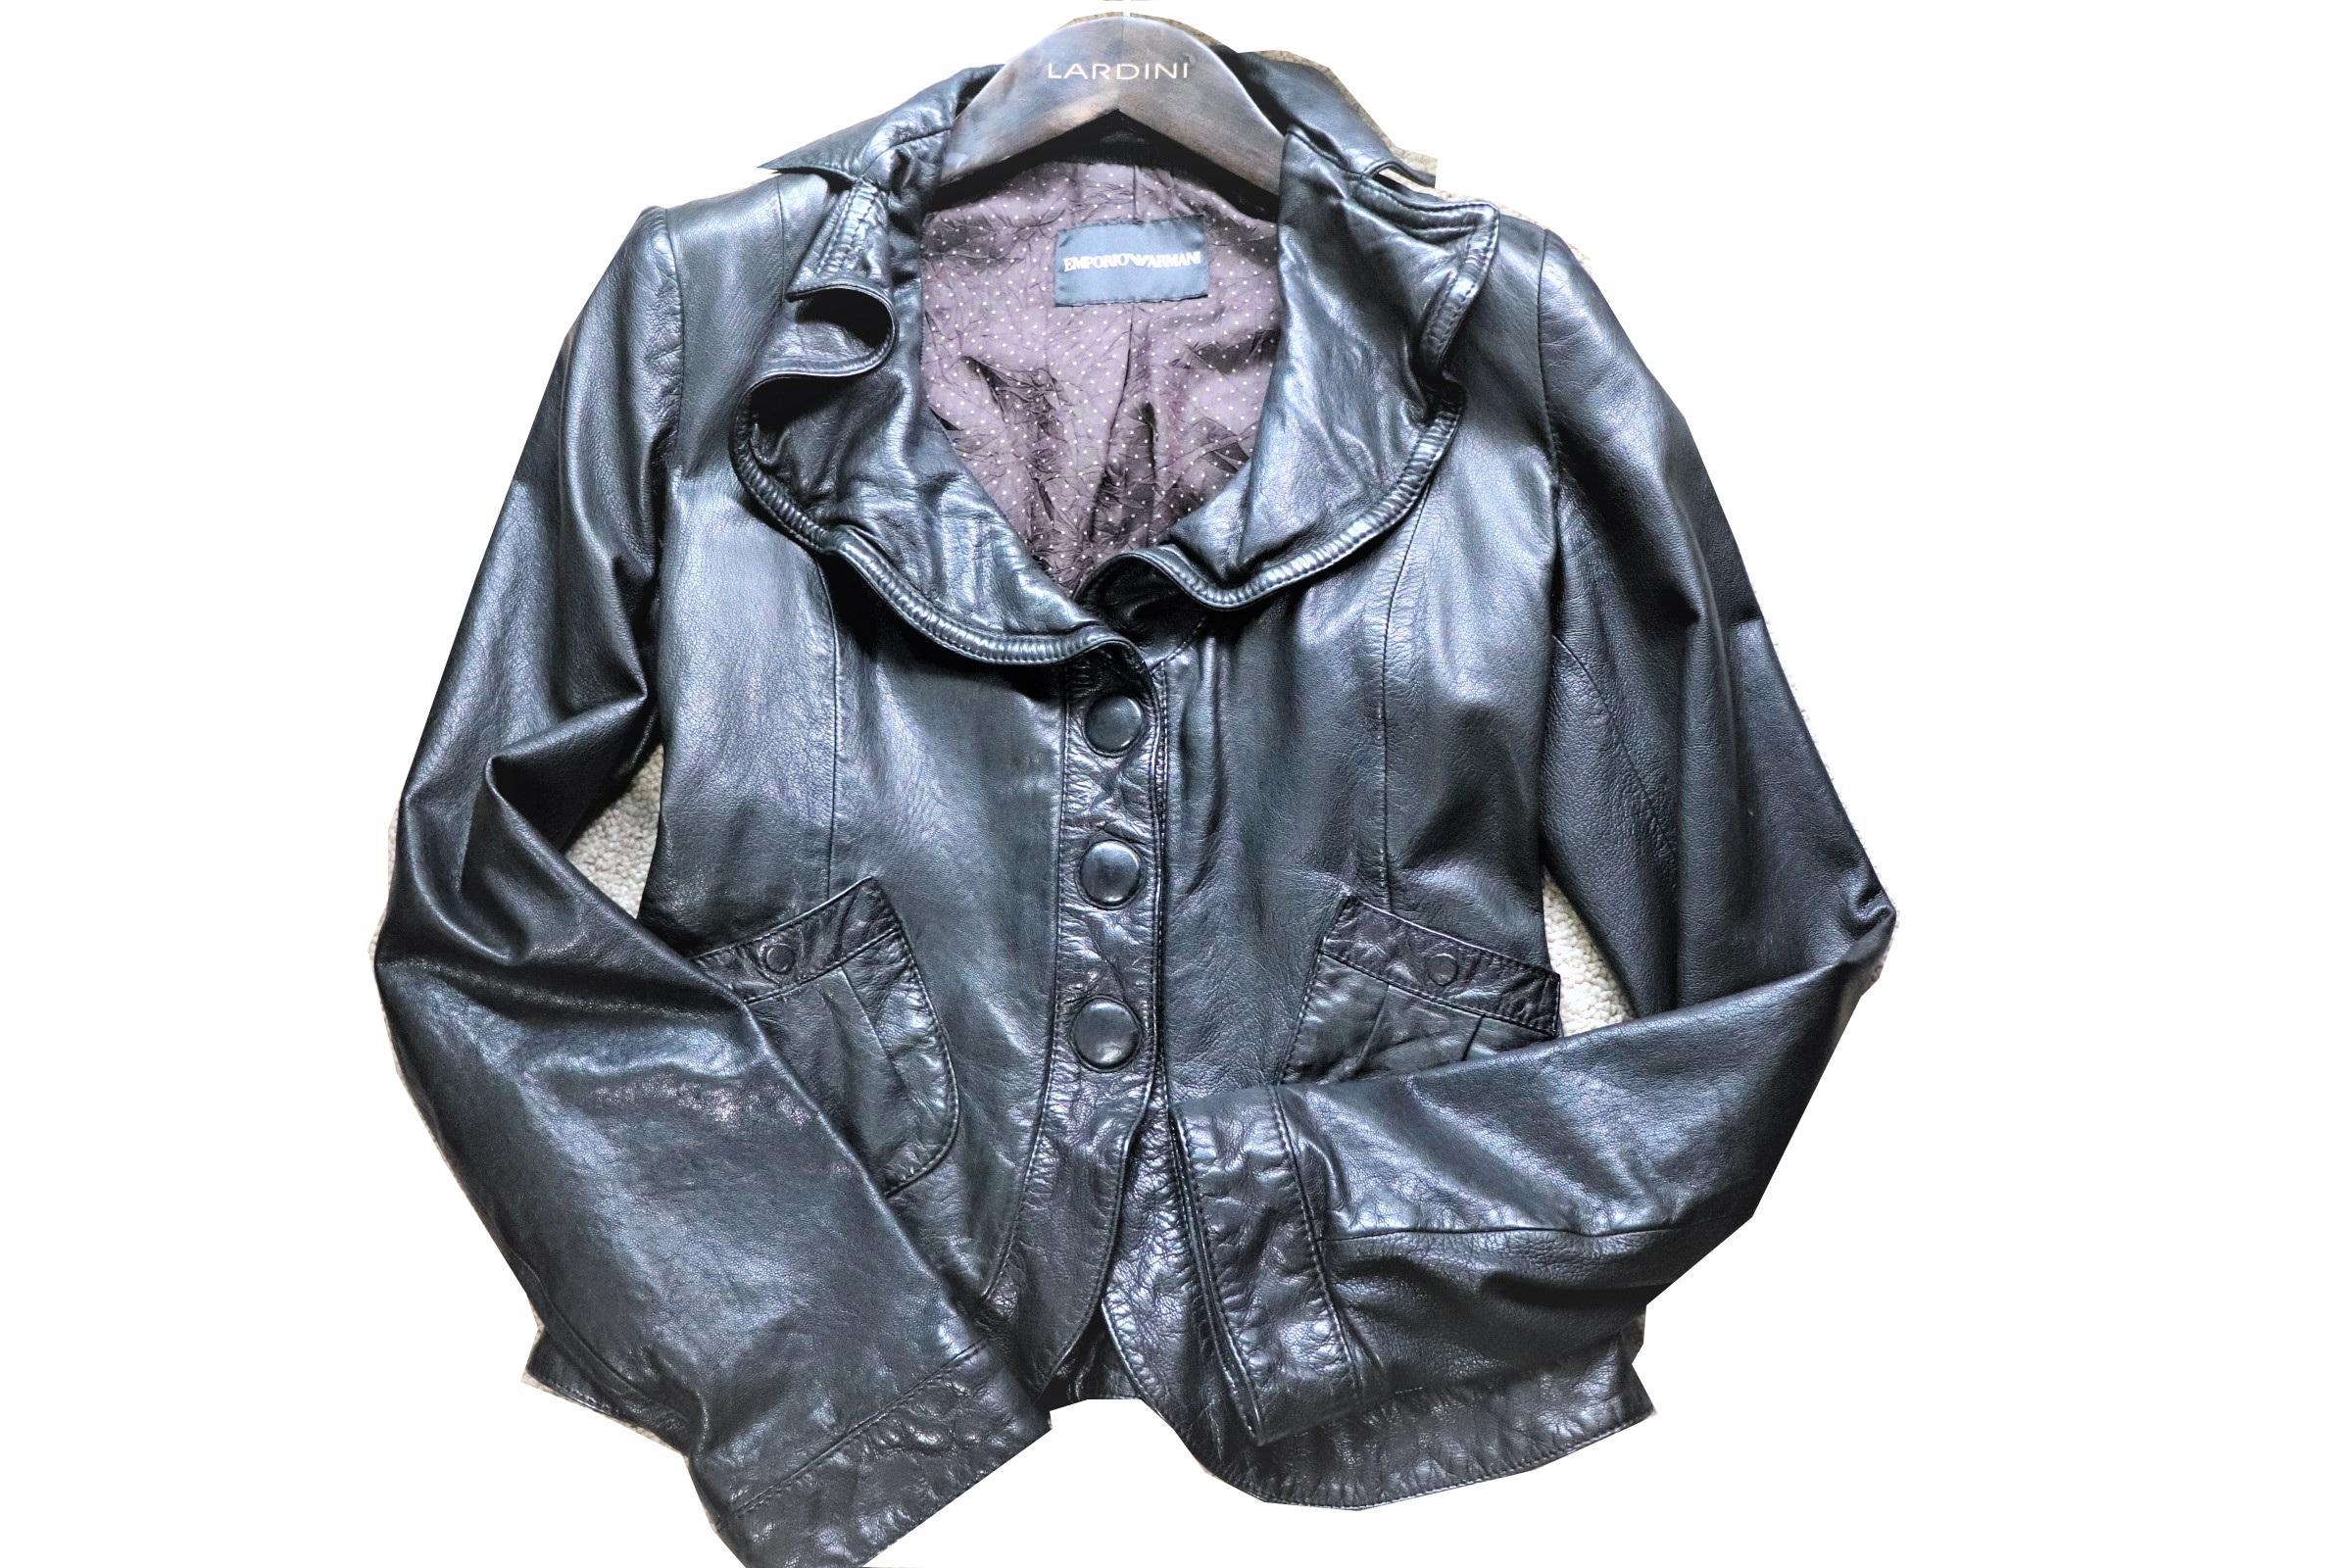 思い切った節約法はコレ、春物・秋物・冬物コート類の素材選びと収納まで